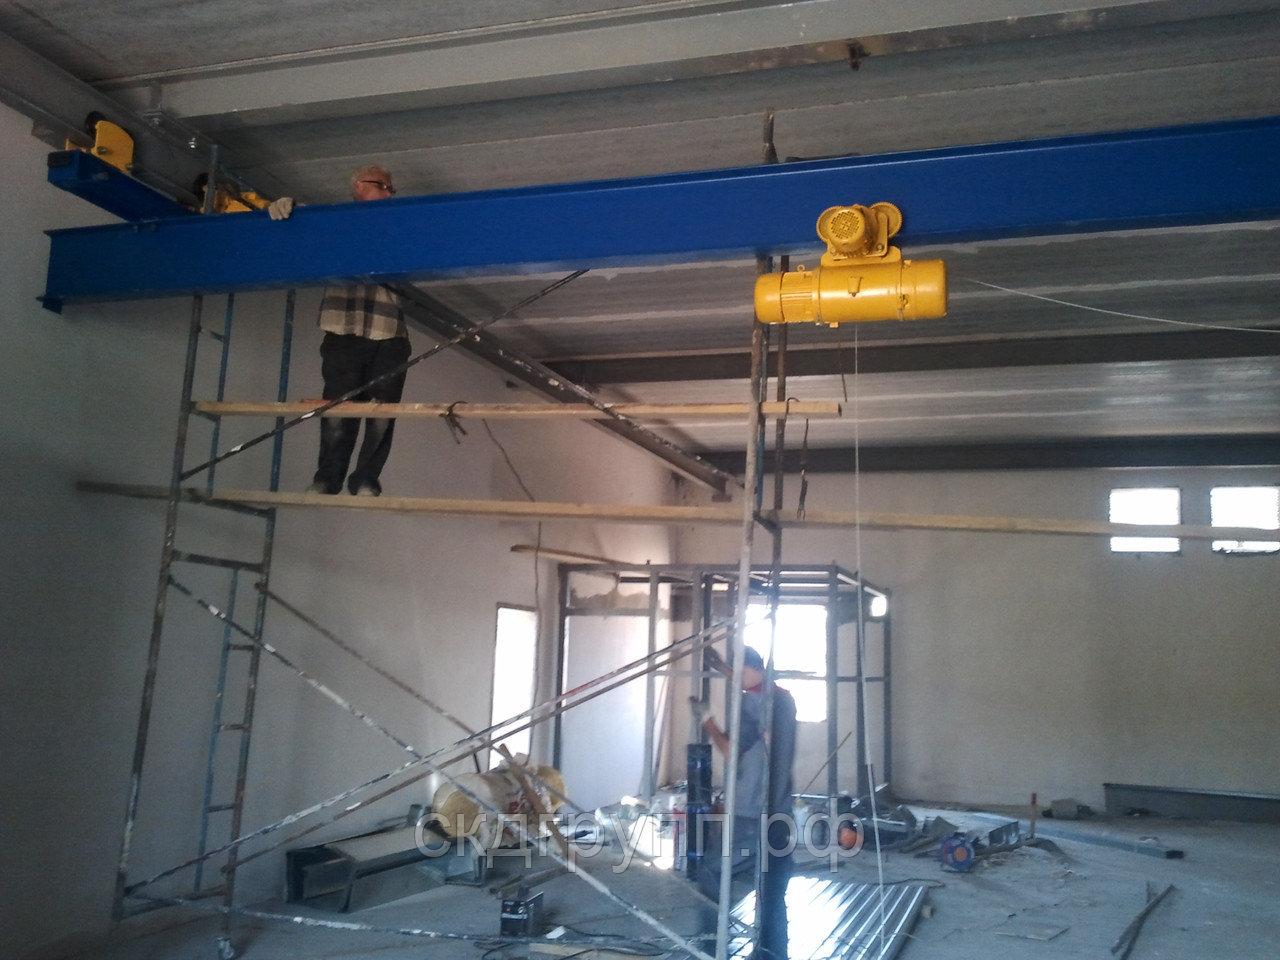 Как происходит монтаж и демонтаж башенного крана на строительной площадке